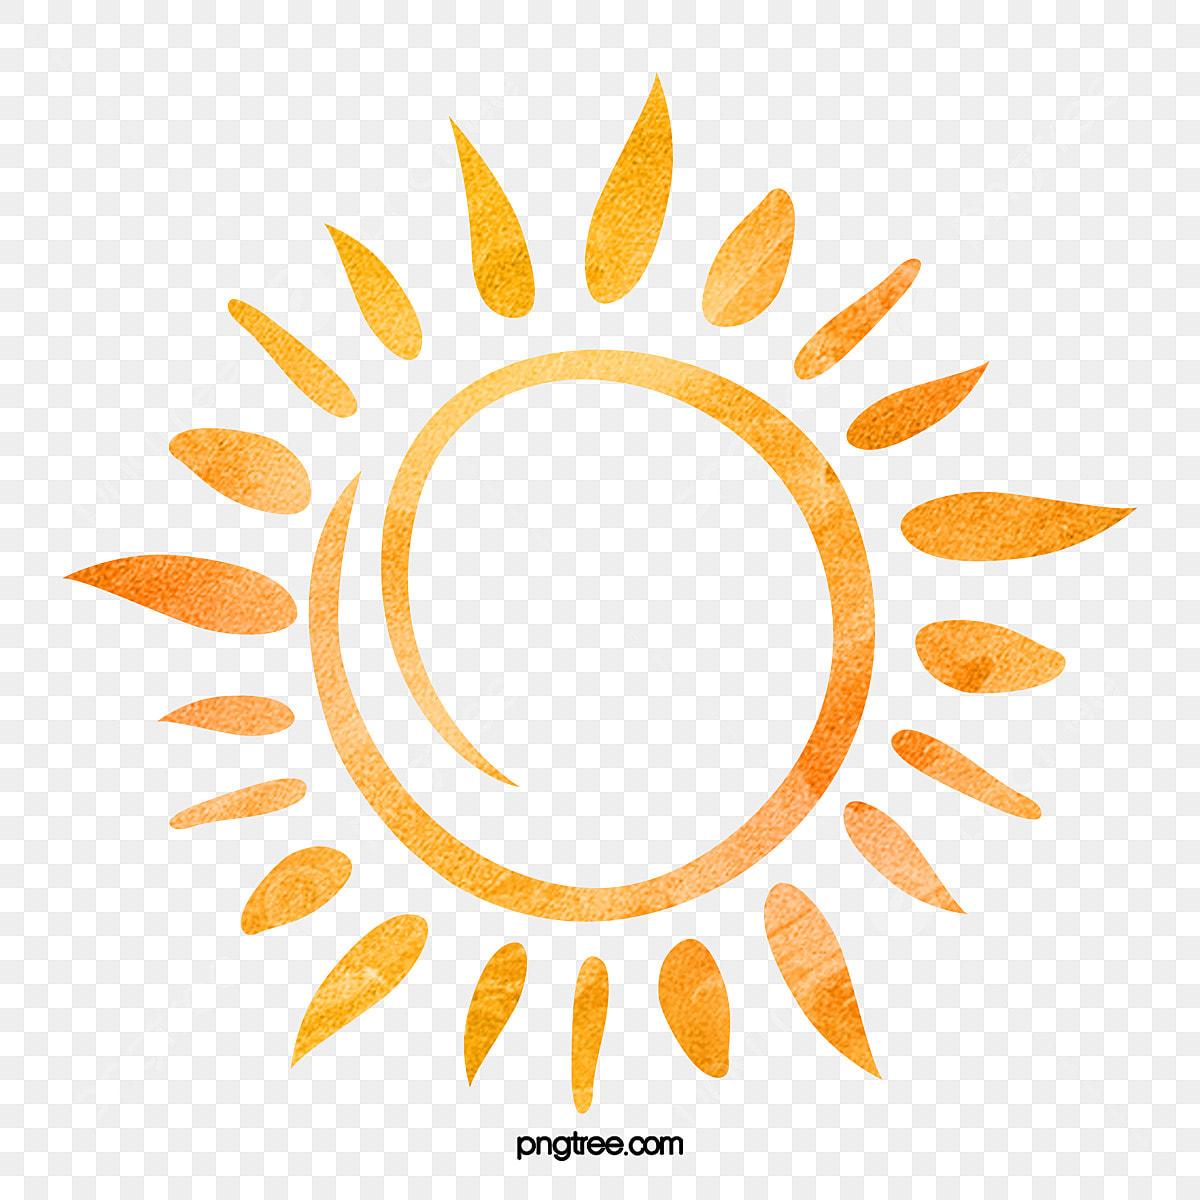 Dessin De Motif Soleil Clipart Soleil Aquarelle Soleil Fichier Png Et Psd Pour Le Telechargement Libre